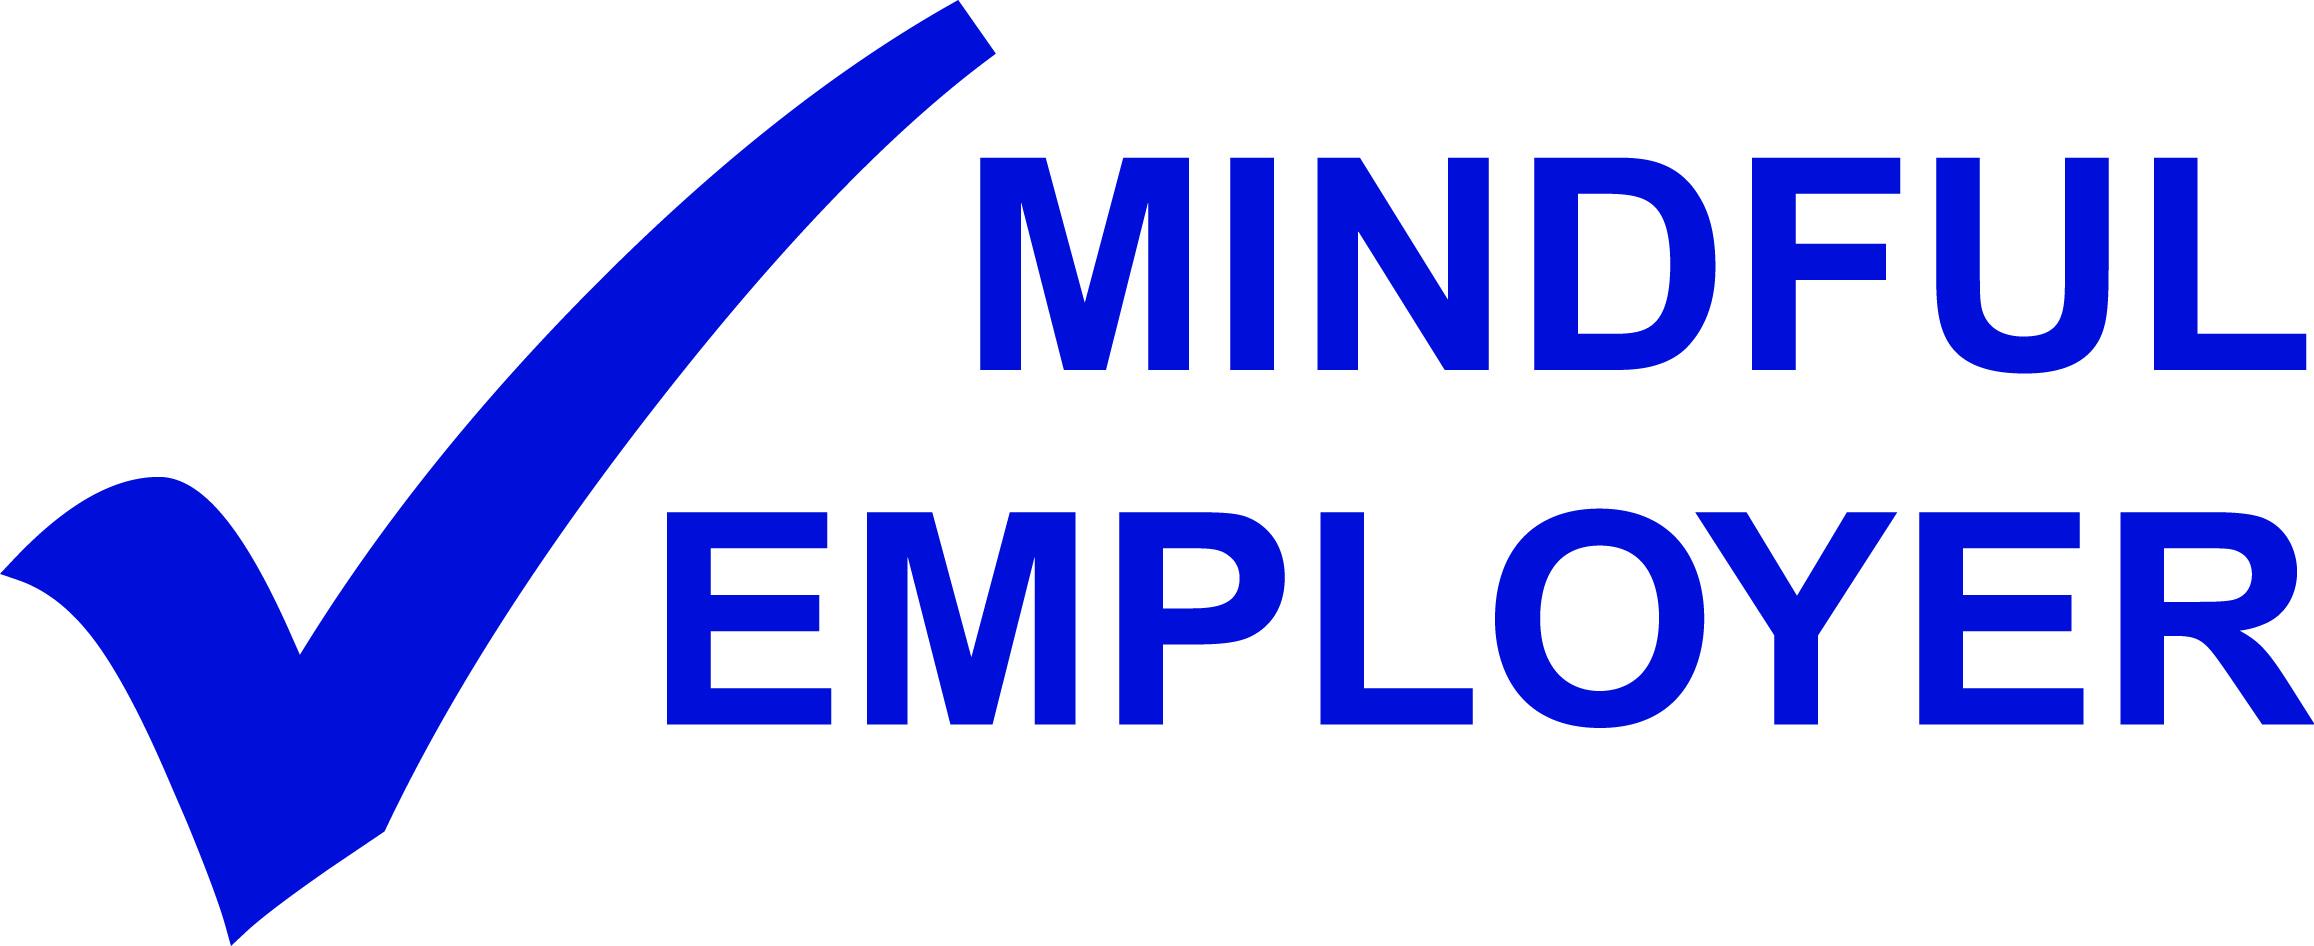 Mindful Employer logo blue